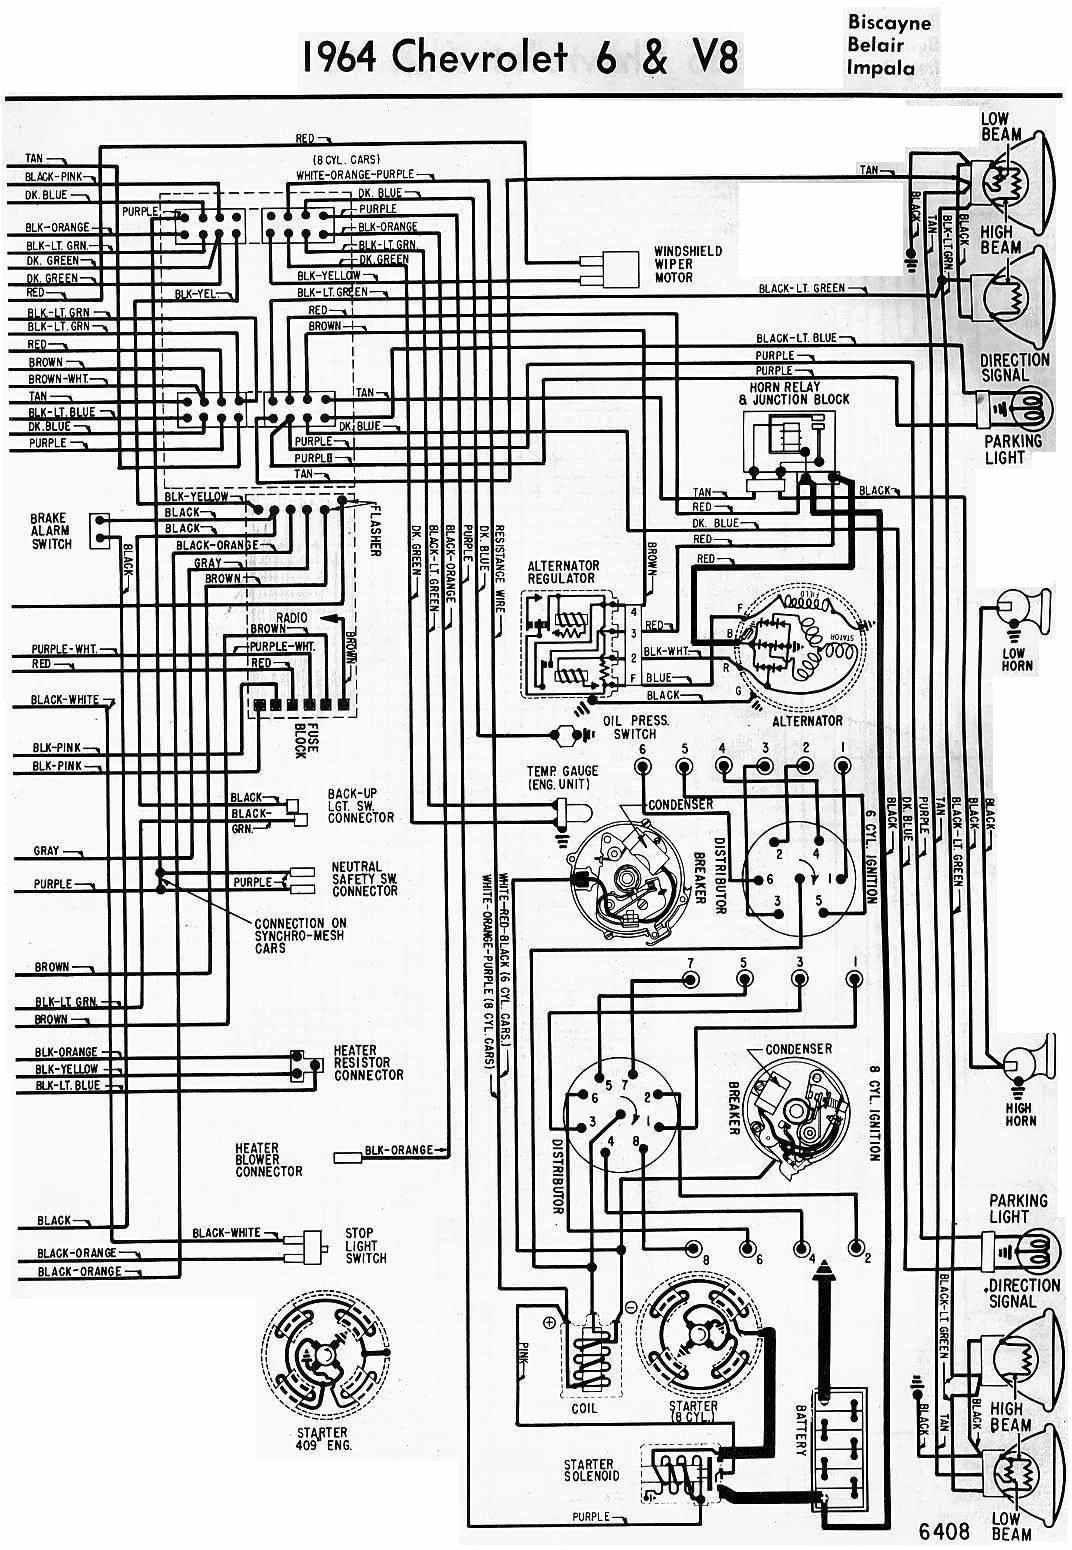 2012 Impala Starter Wiring Diagram